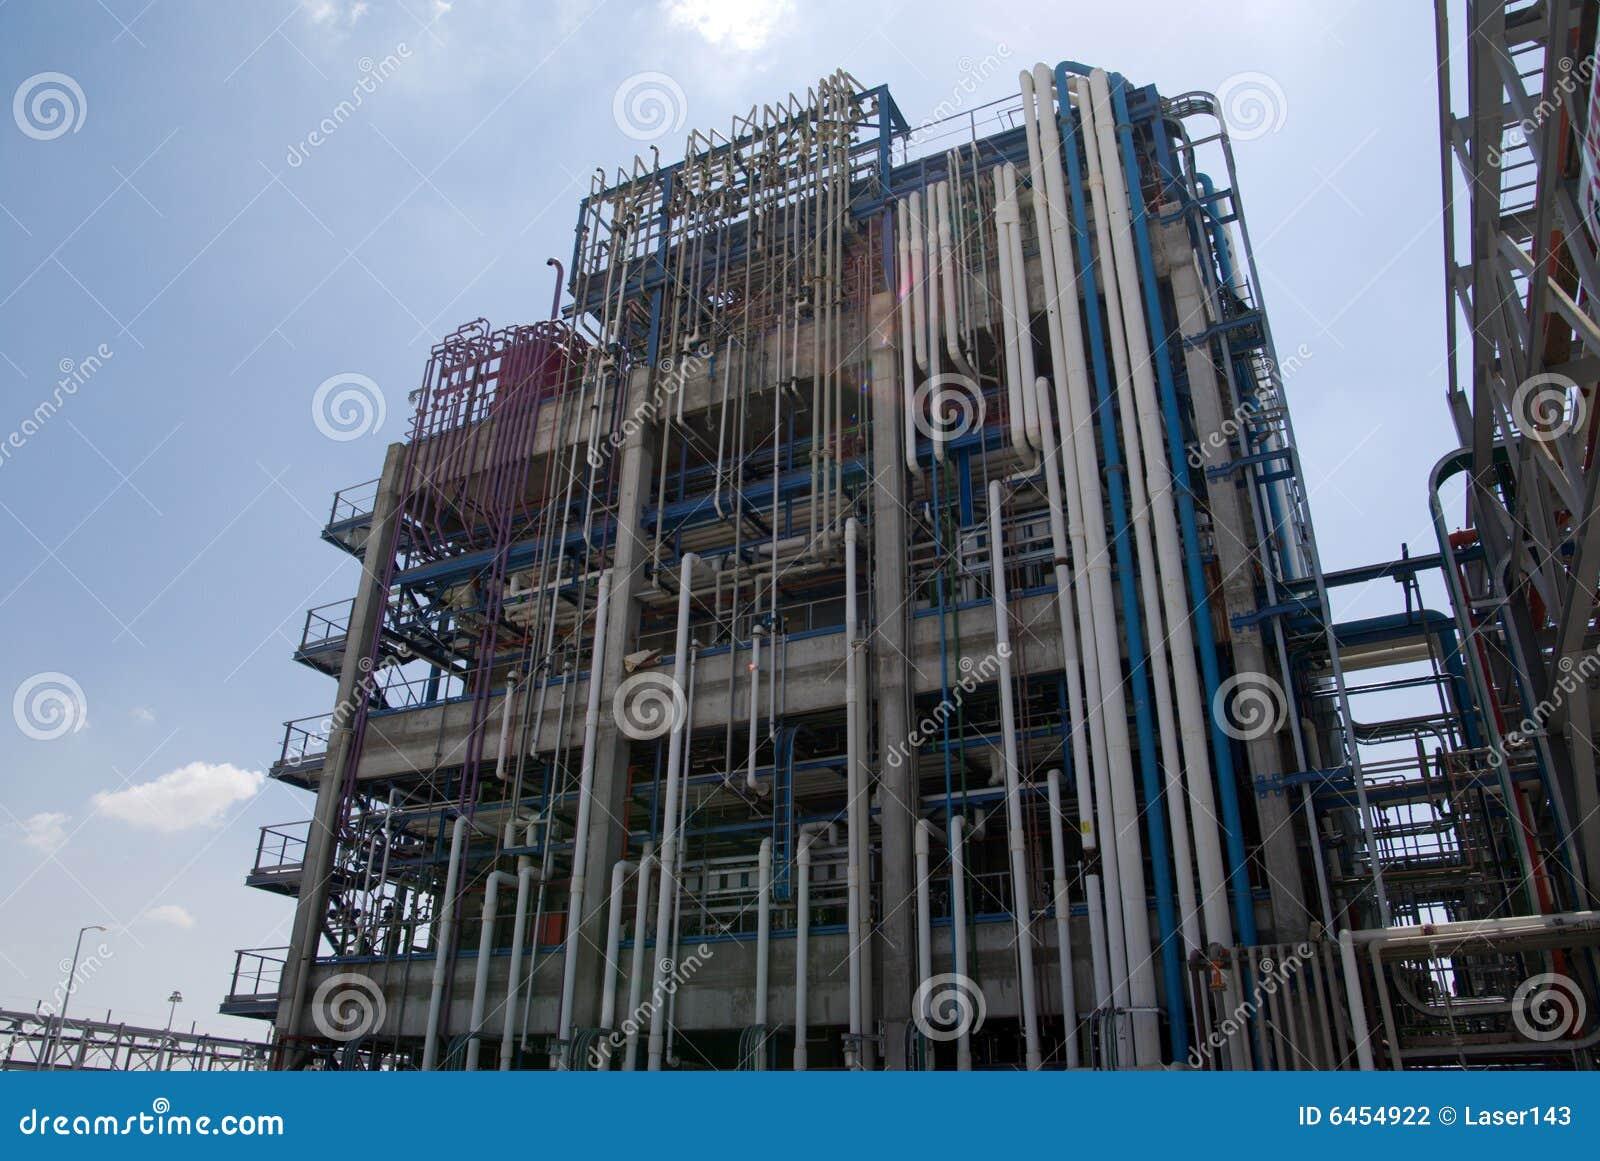 Zakład produkcyjny chemicznego